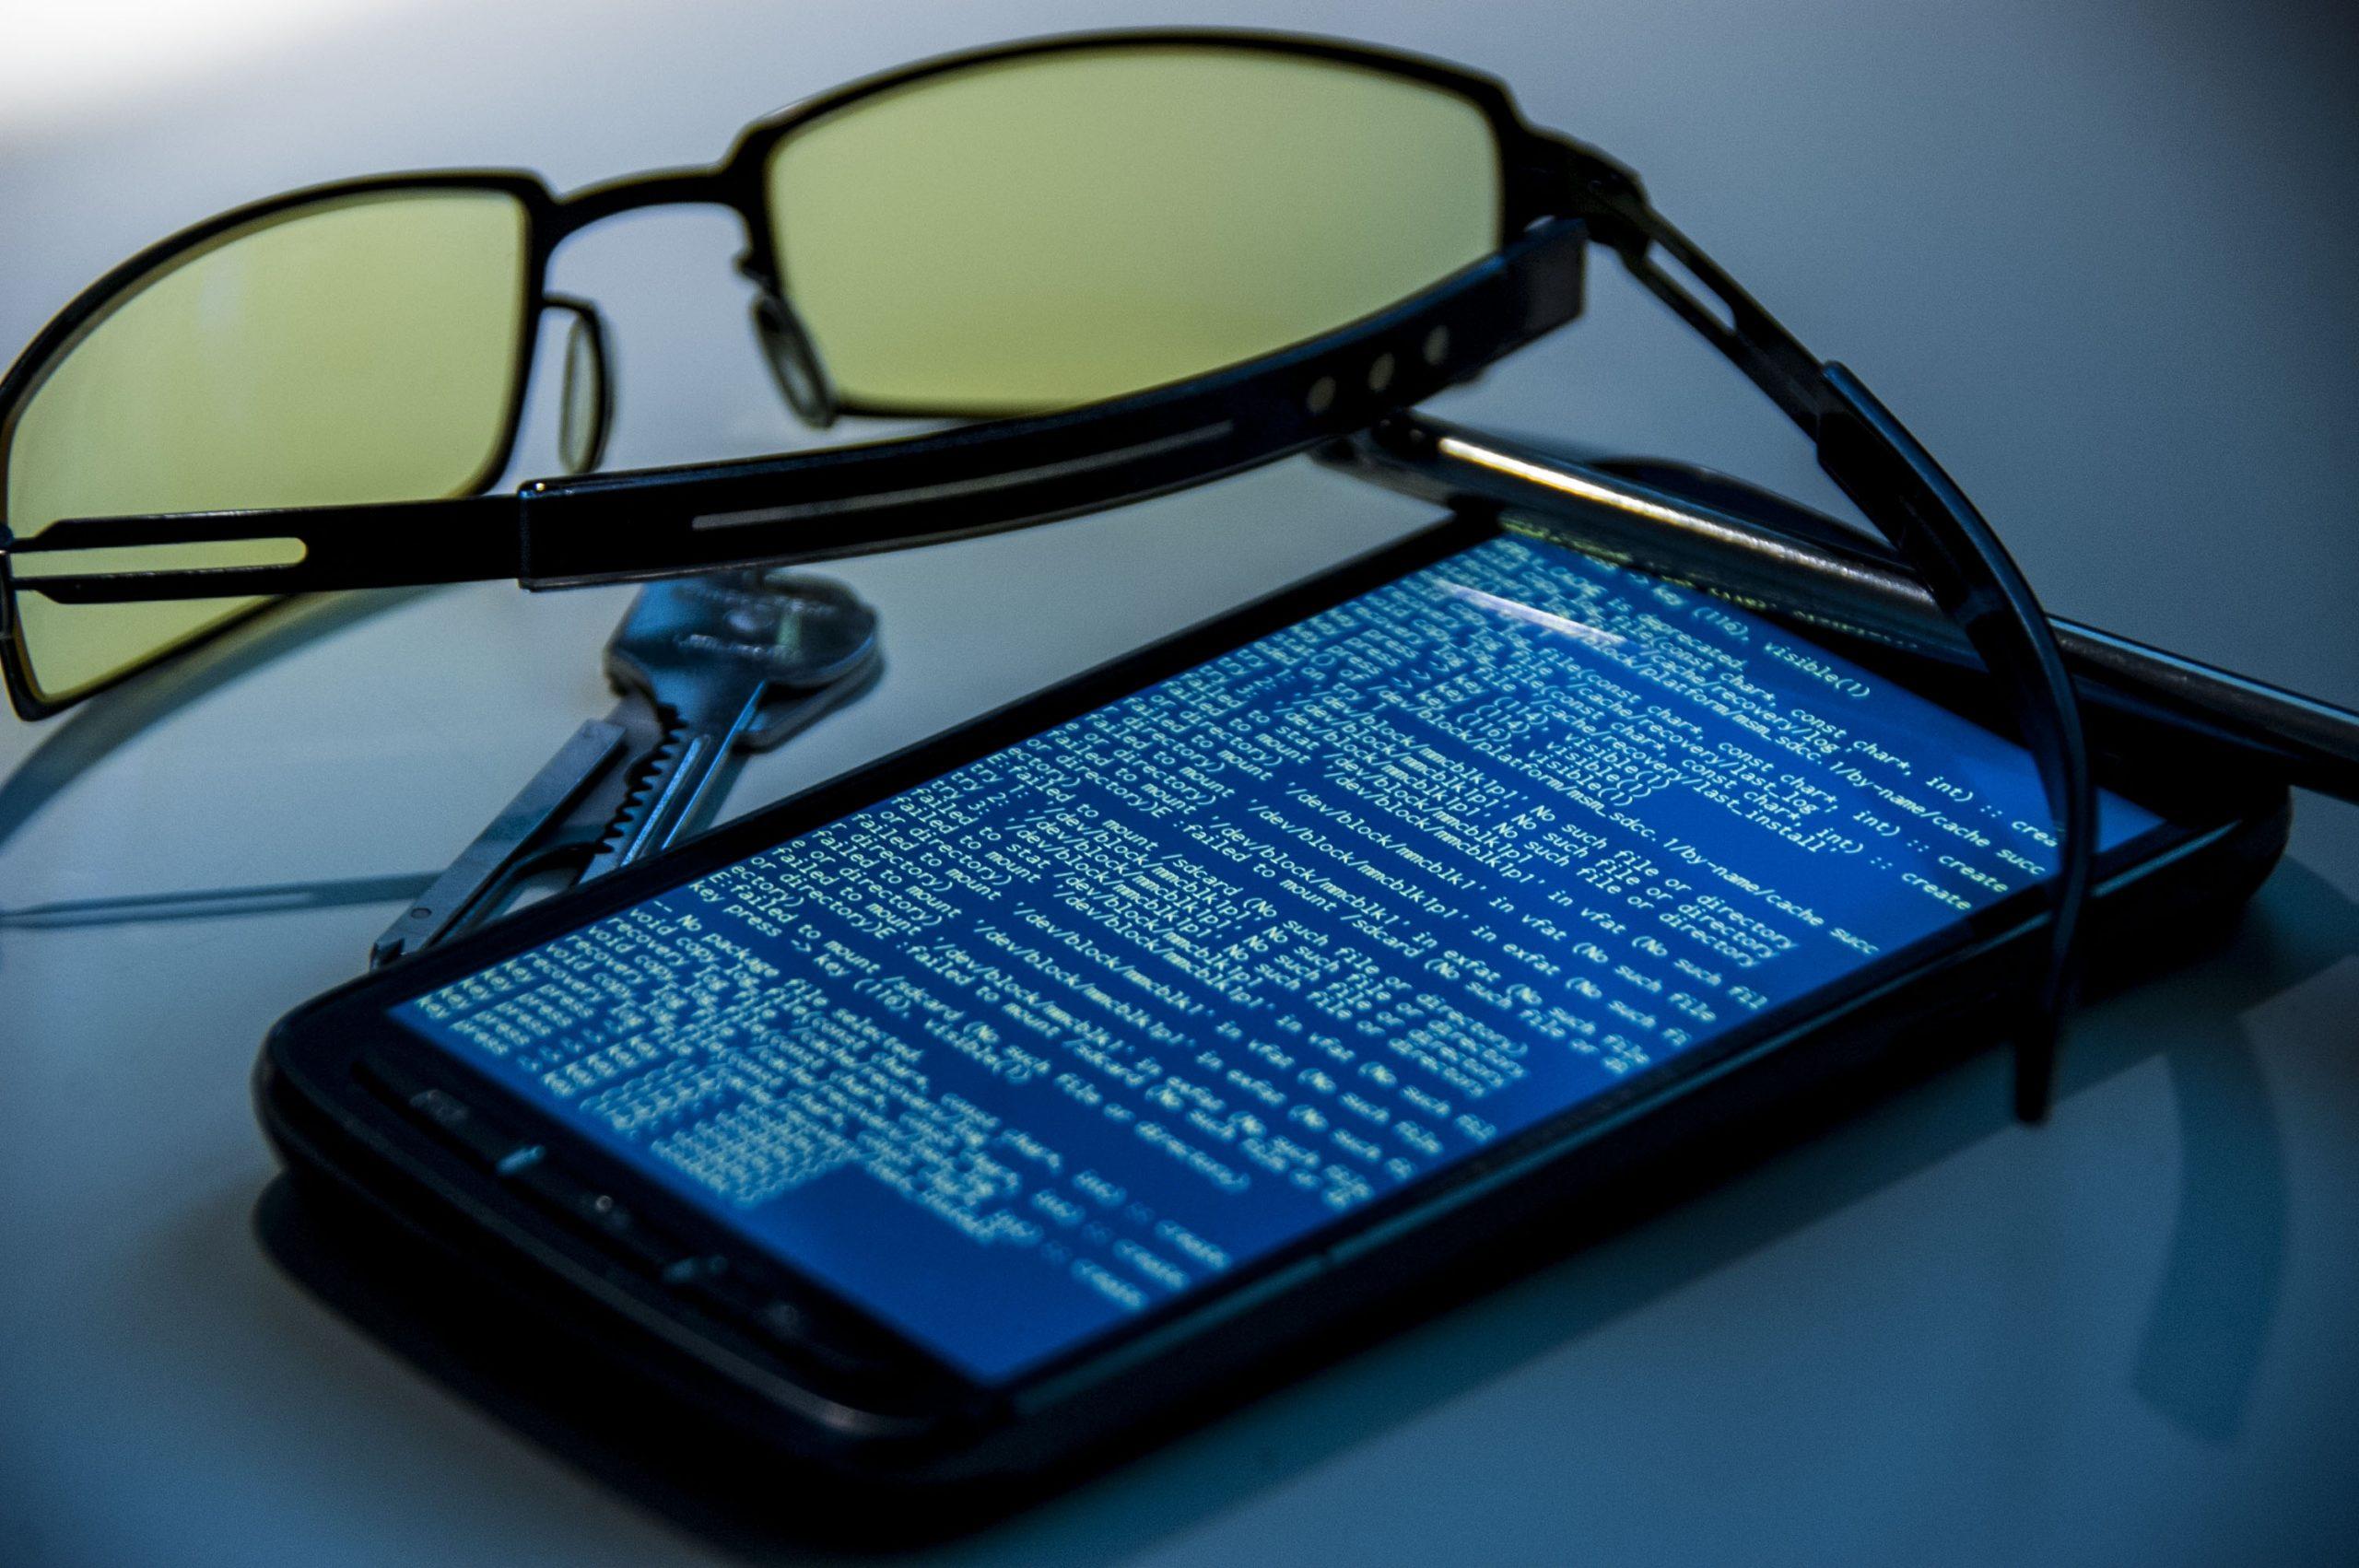 ¿Pueden usar el padrón de celulares para robarme dinero?